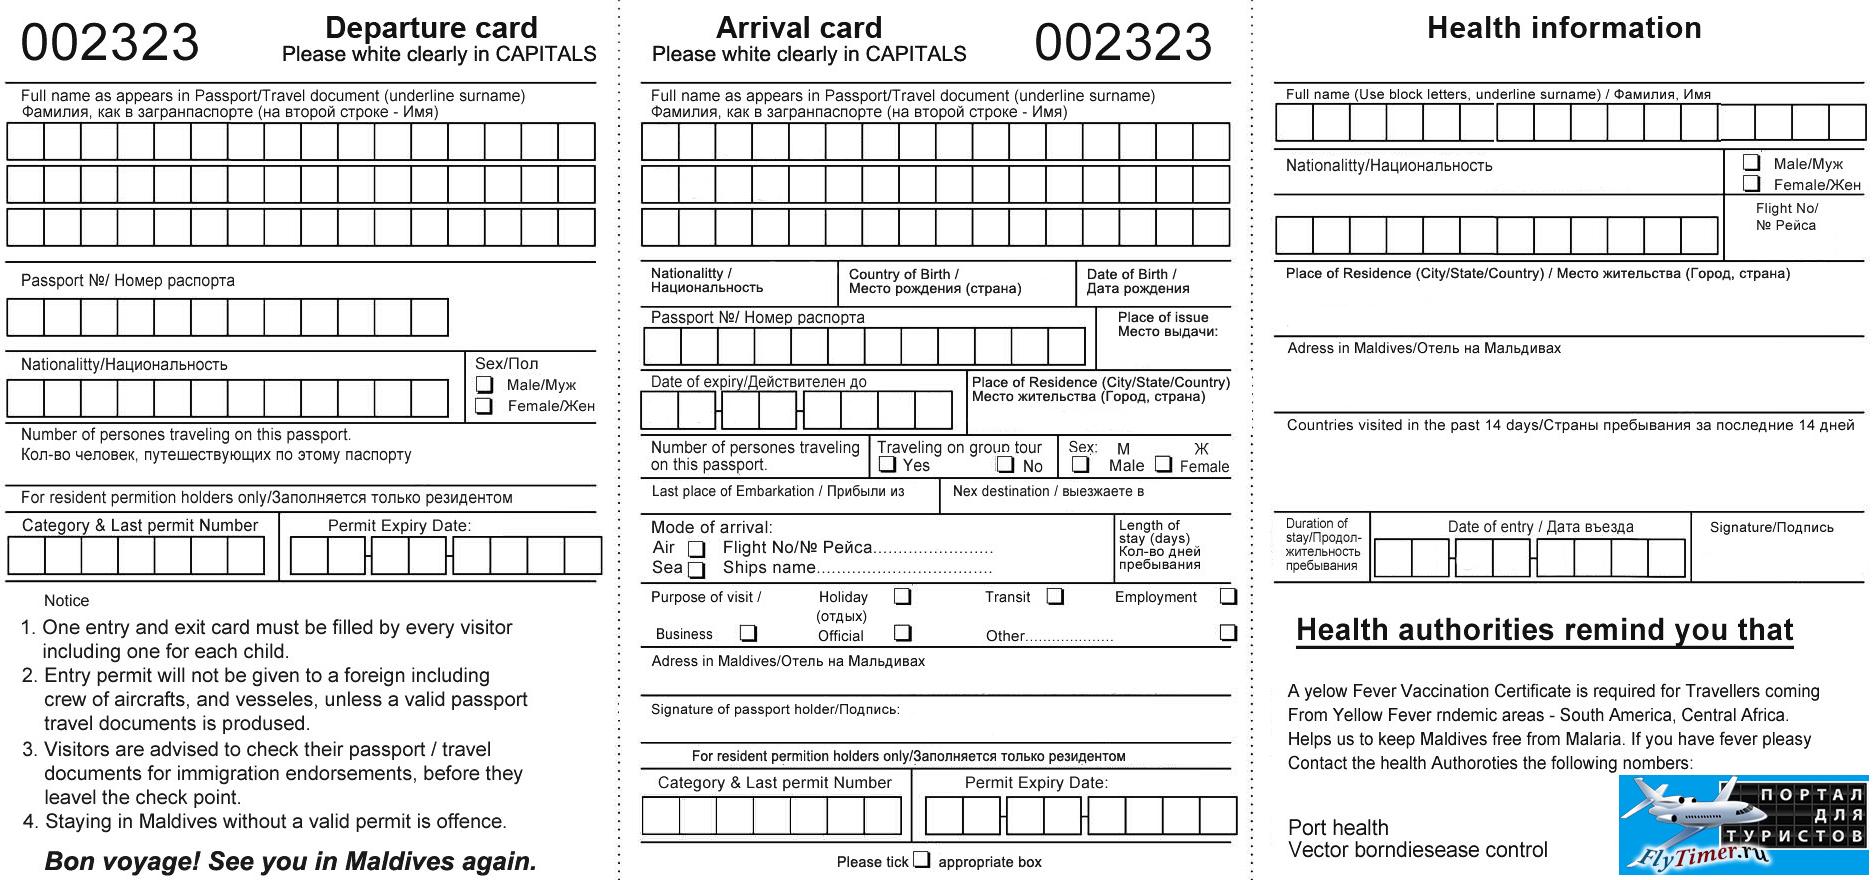 Миграционная карта тайланда: чистый бланк и образец заполнения.